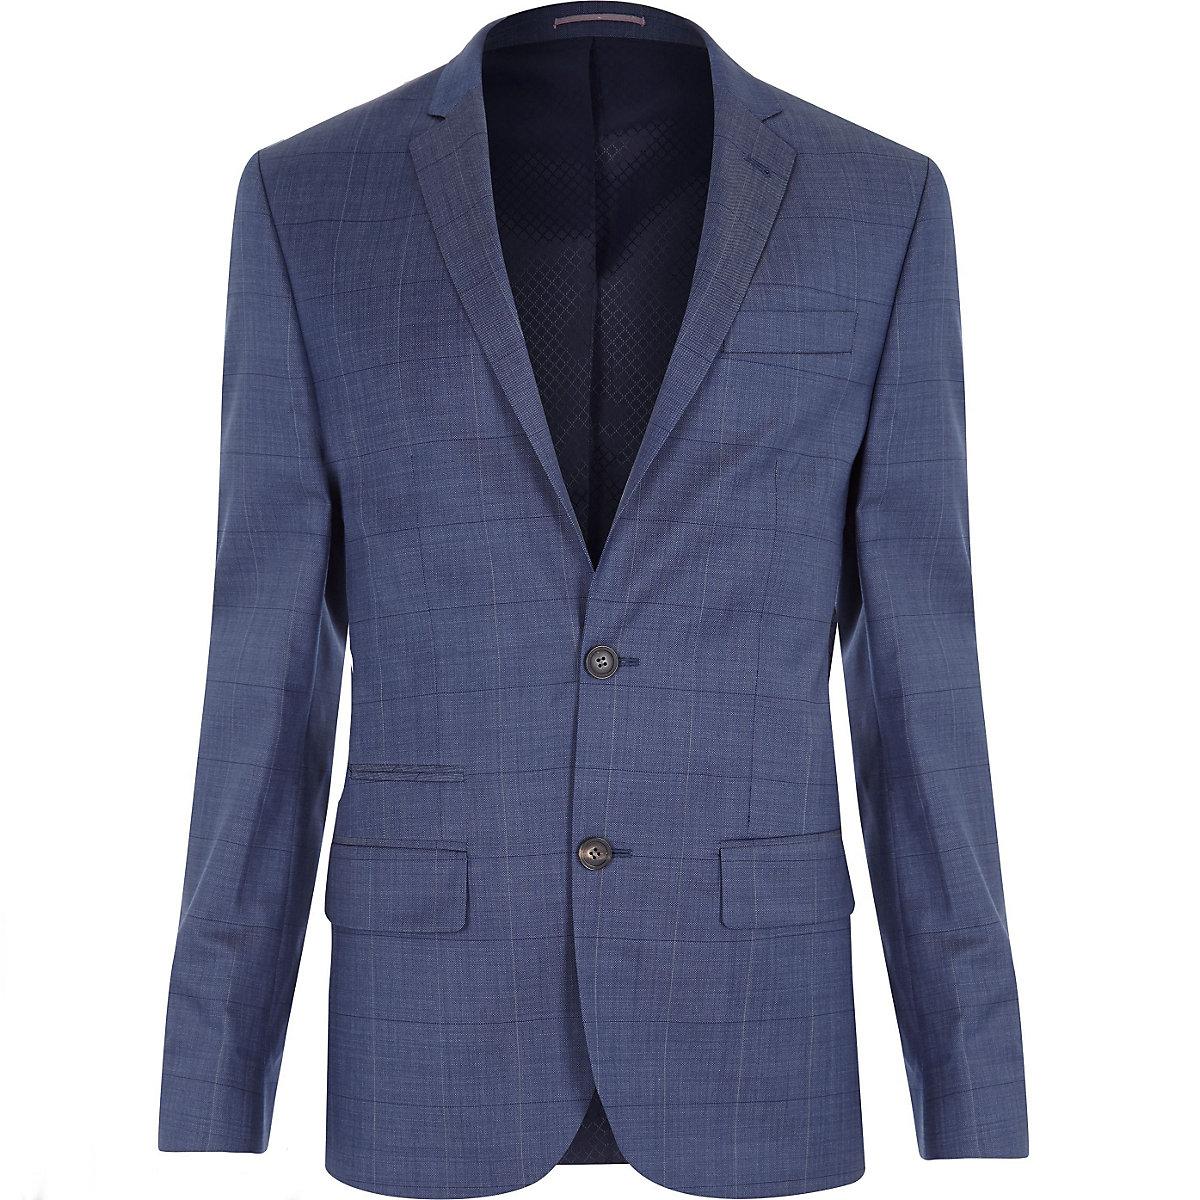 Light navy subtle check slim fit suit jacket